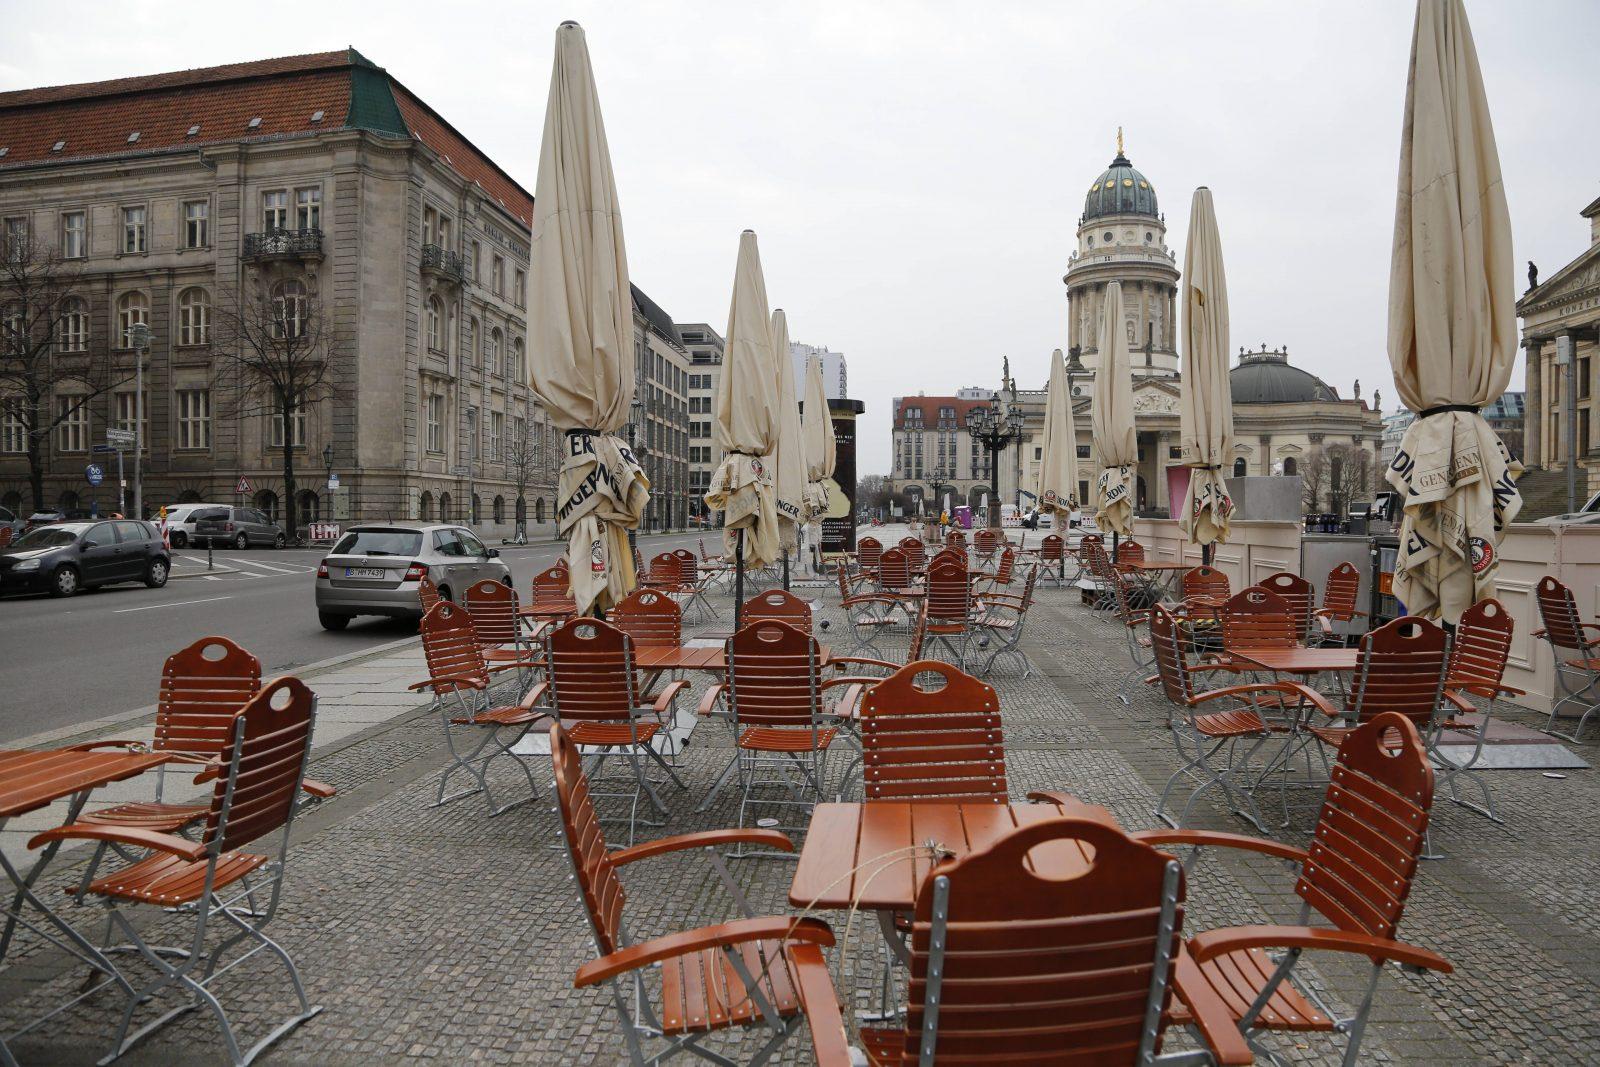 Selbst bei halbswegs schönem Wetter verweilt derzeit niemand am Gendarmenmarkt. Foto: imago images / STPP